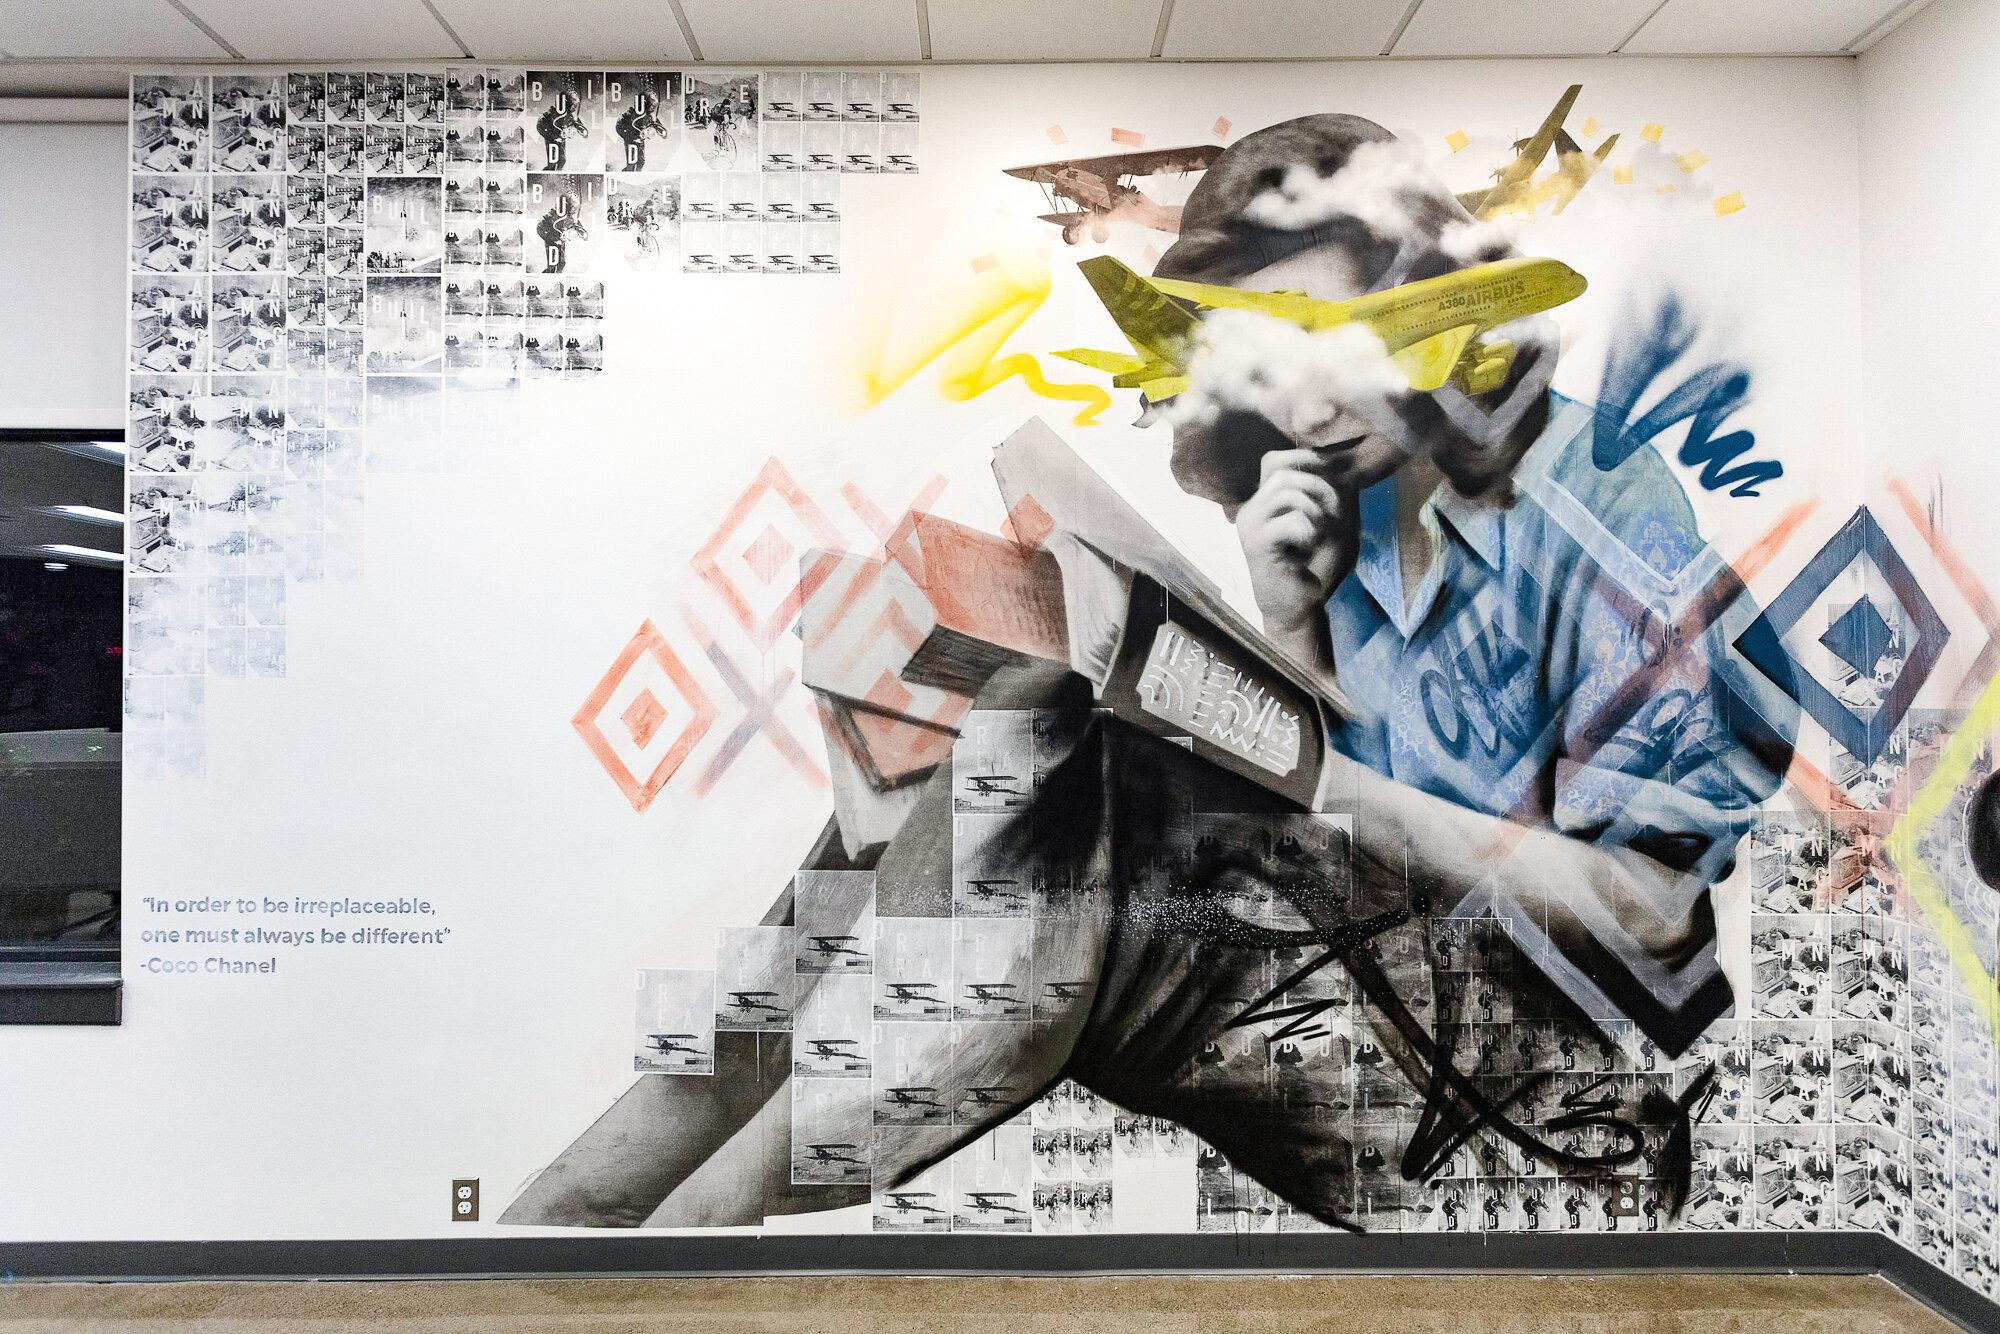 vltrr-detroit-collage-john-sippel-art-mural-wetiko-wheatpaste-2.jpg